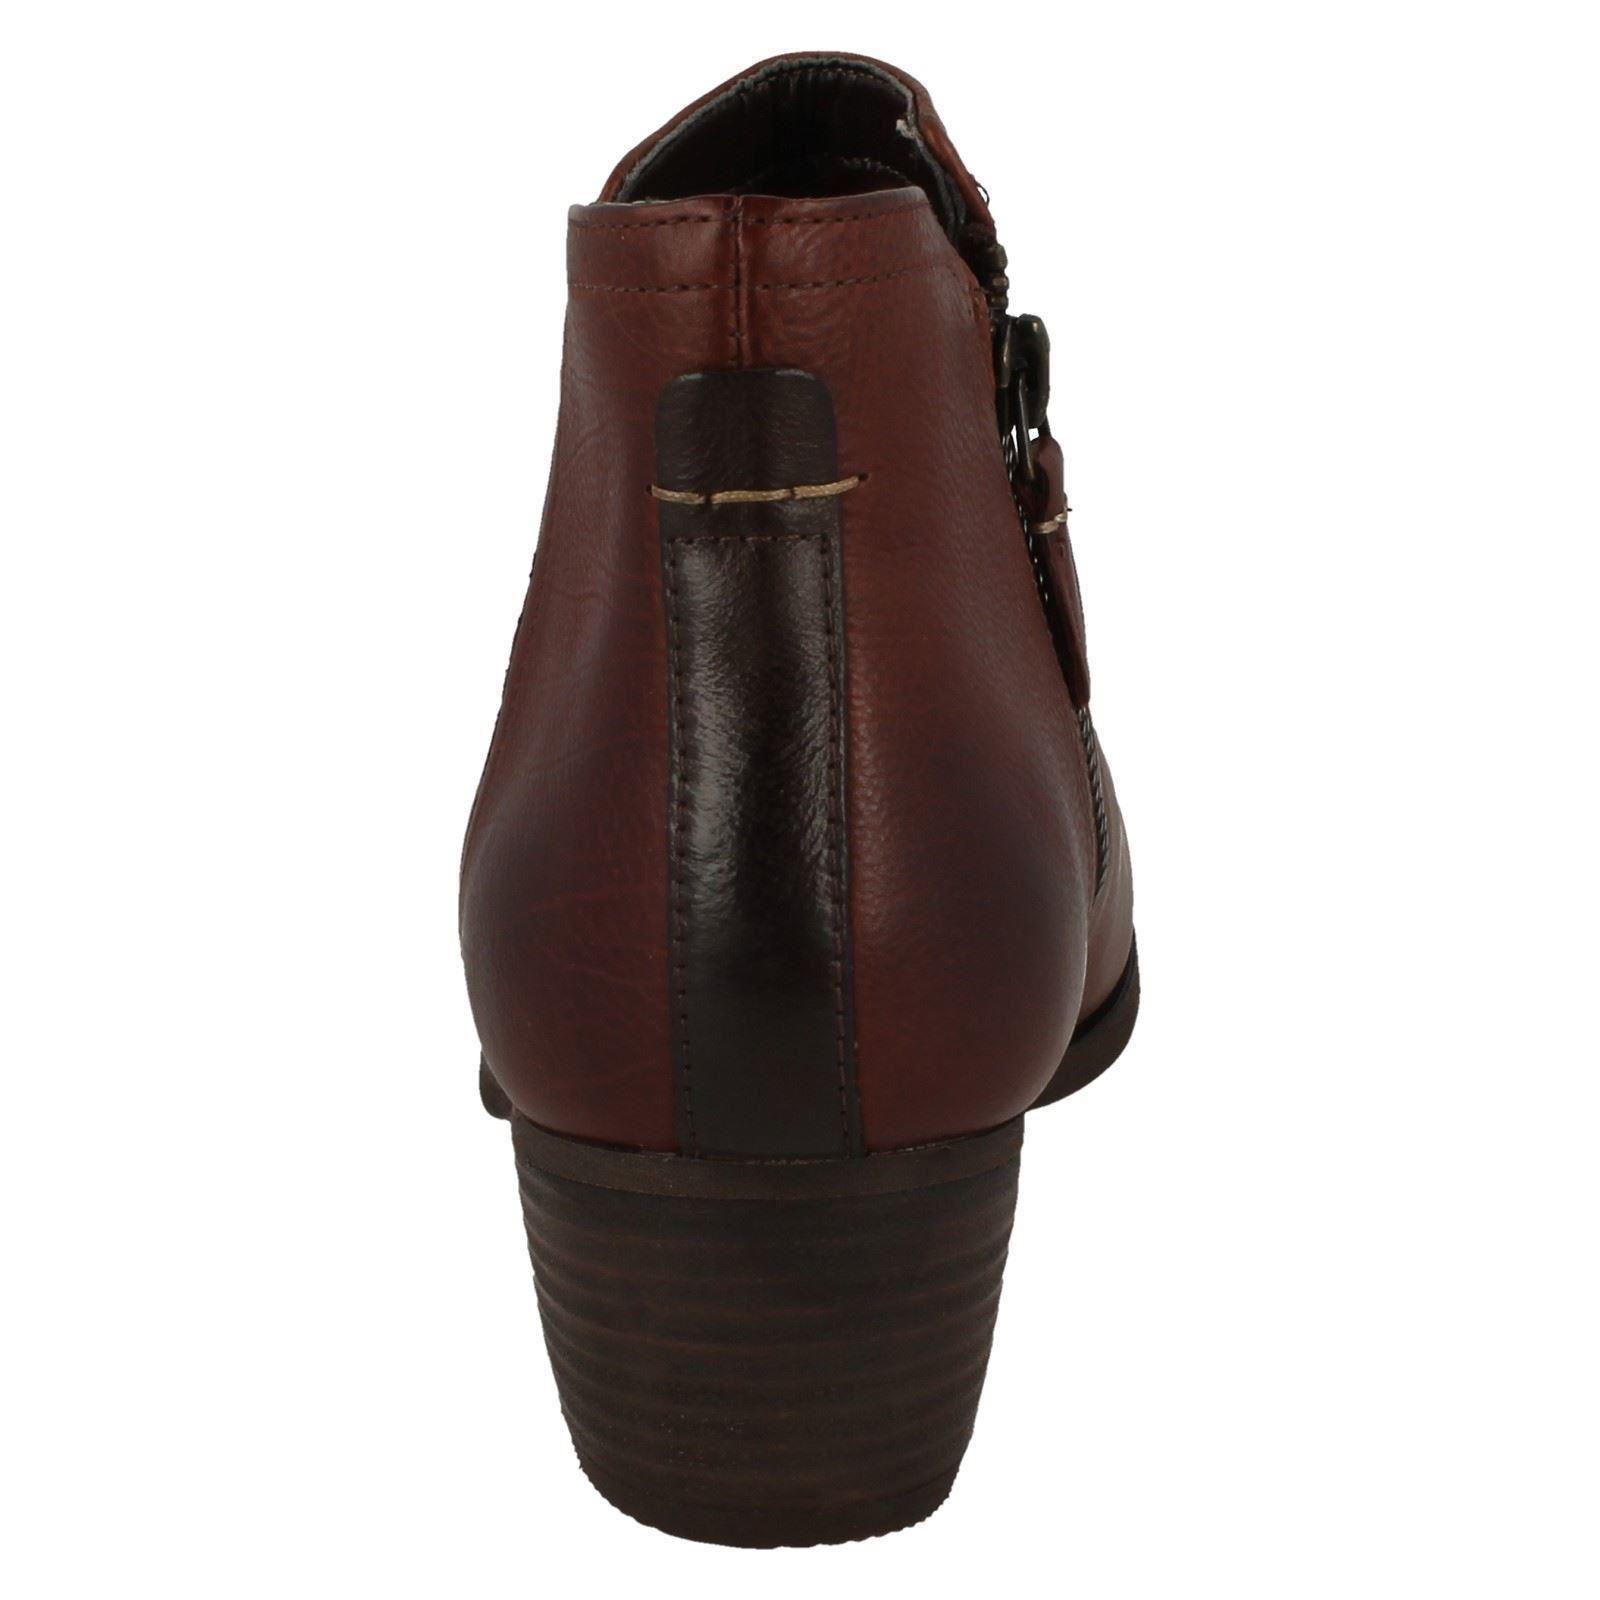 Femmes Clarks Cuir Petit Petit Petit Talon Bottes Chelsea Chaussures Fermeture Éclair bc64fd